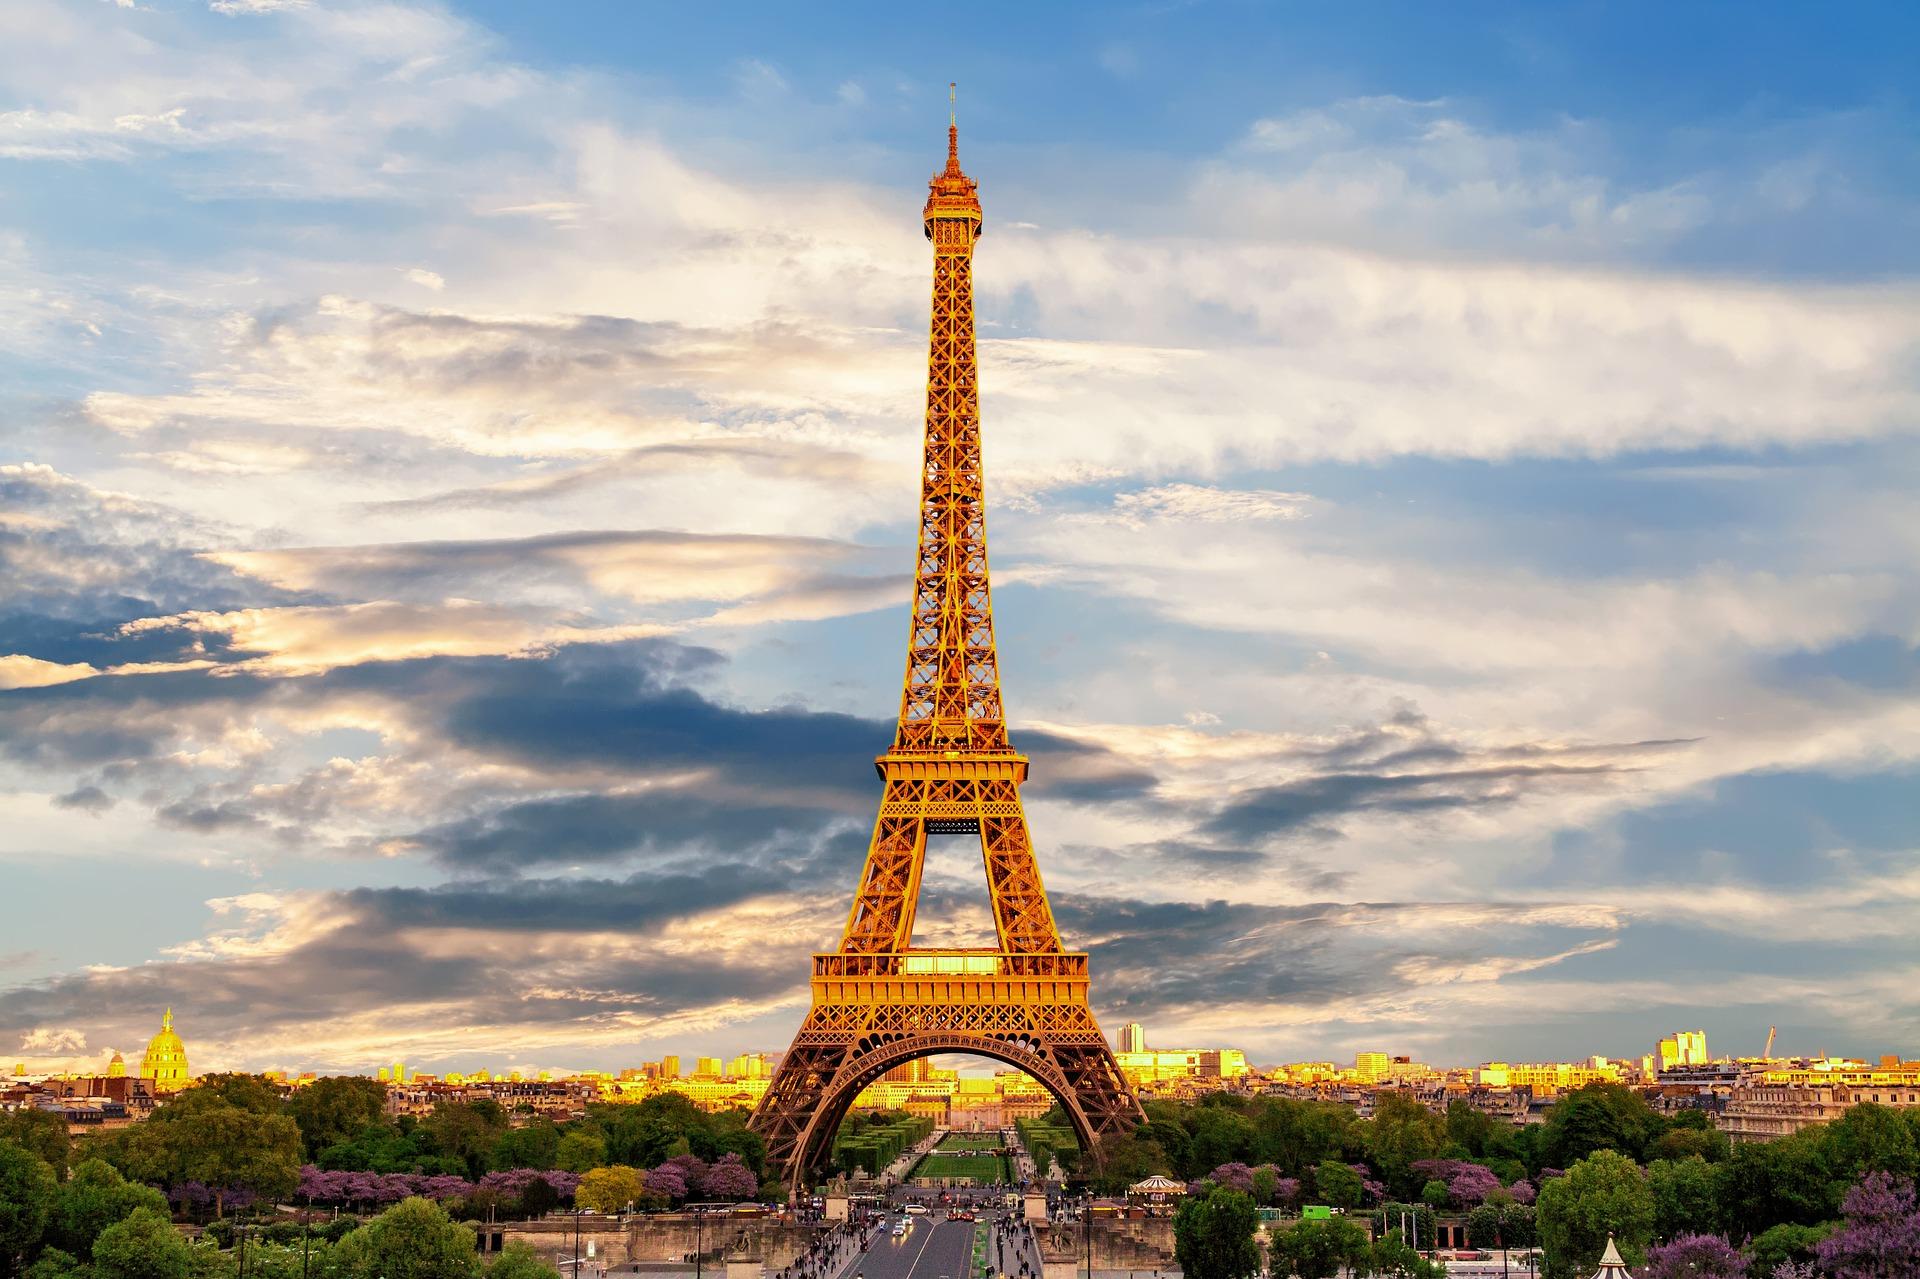 Tagesreise in Paris günsitg ab 59,00€ - Von NRW bis Paris